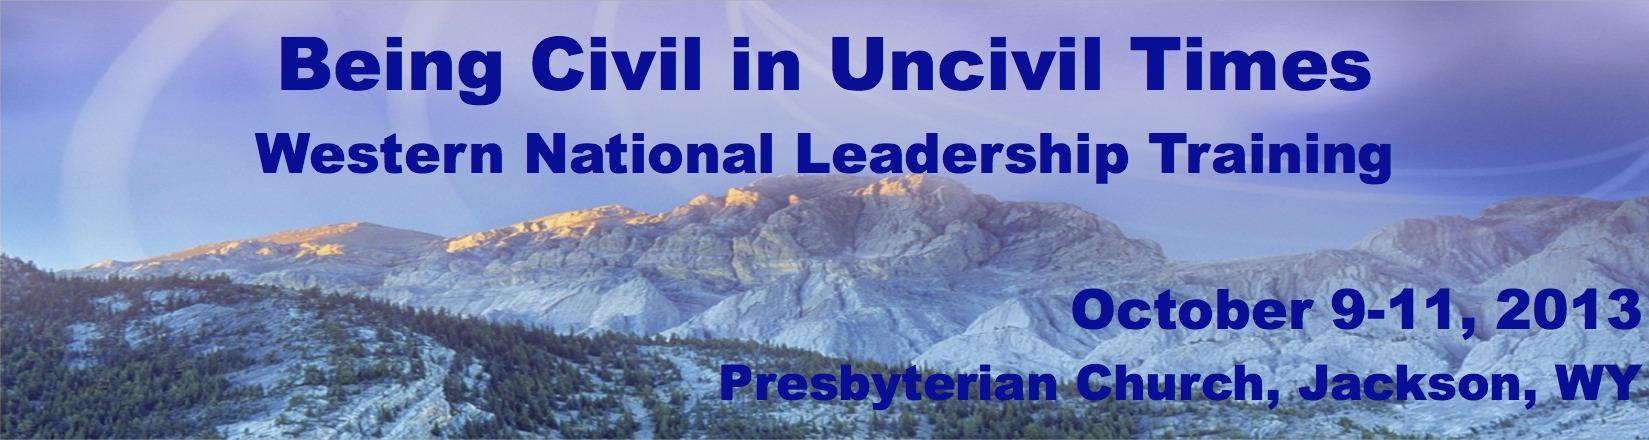 Being Civil in Uncivil Times.jpg